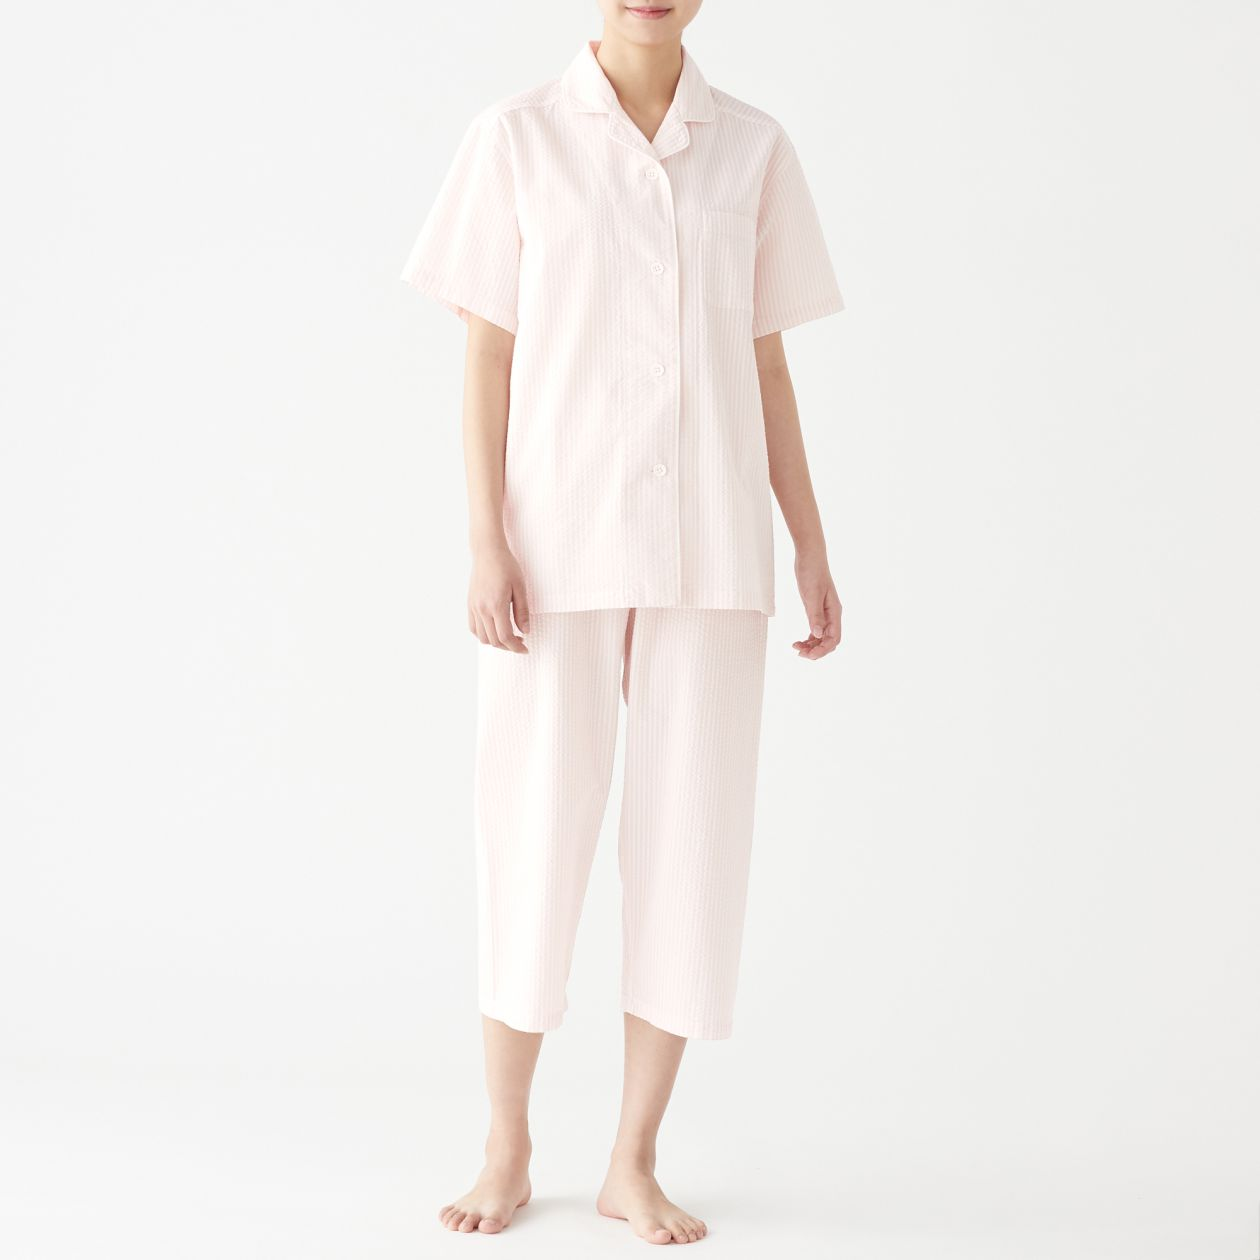 脇に縫い目のない サッカー織り半袖パジャマ